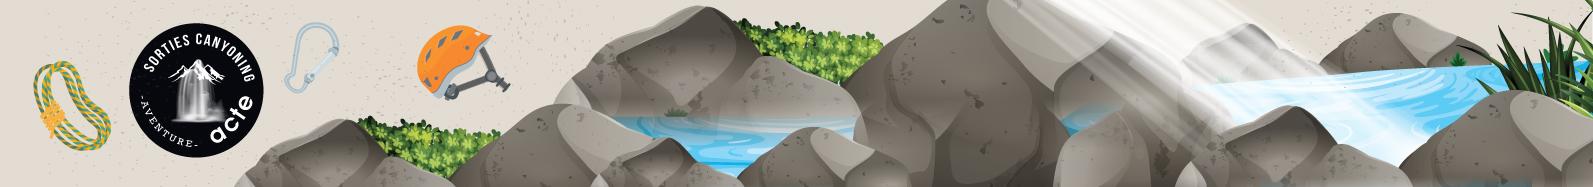 encadrement et formation en canyoning autour de foix, tarascon sur ariege, vicdessos, toulouse